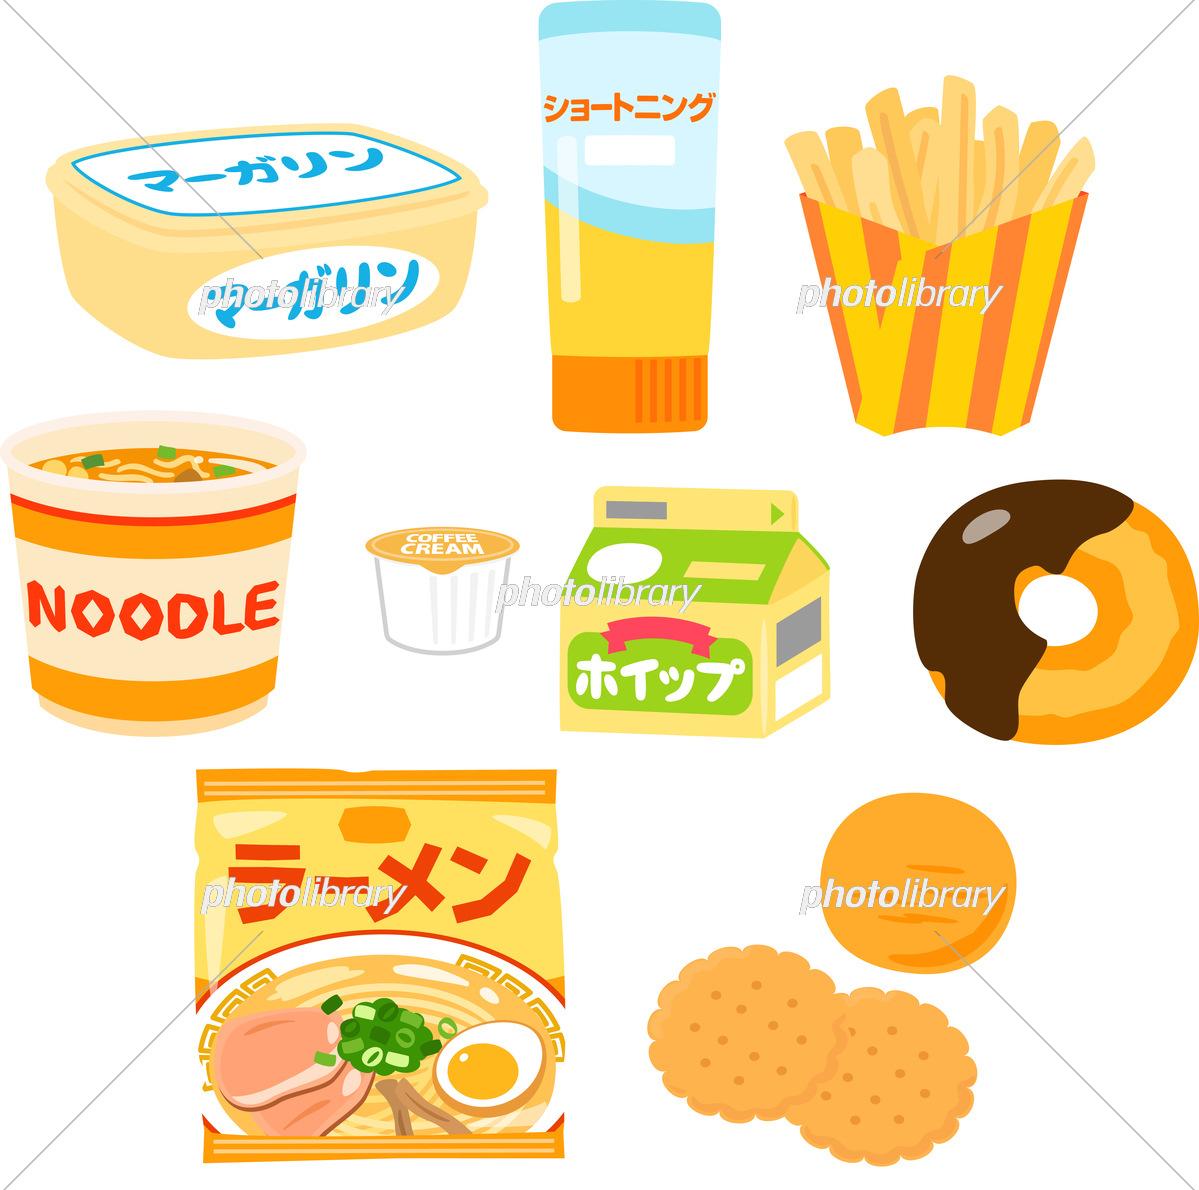 食品 トランス 脂肪酸 それも?トランス脂肪酸が含まれる食品一覧!含有量の目安や表示方法は?